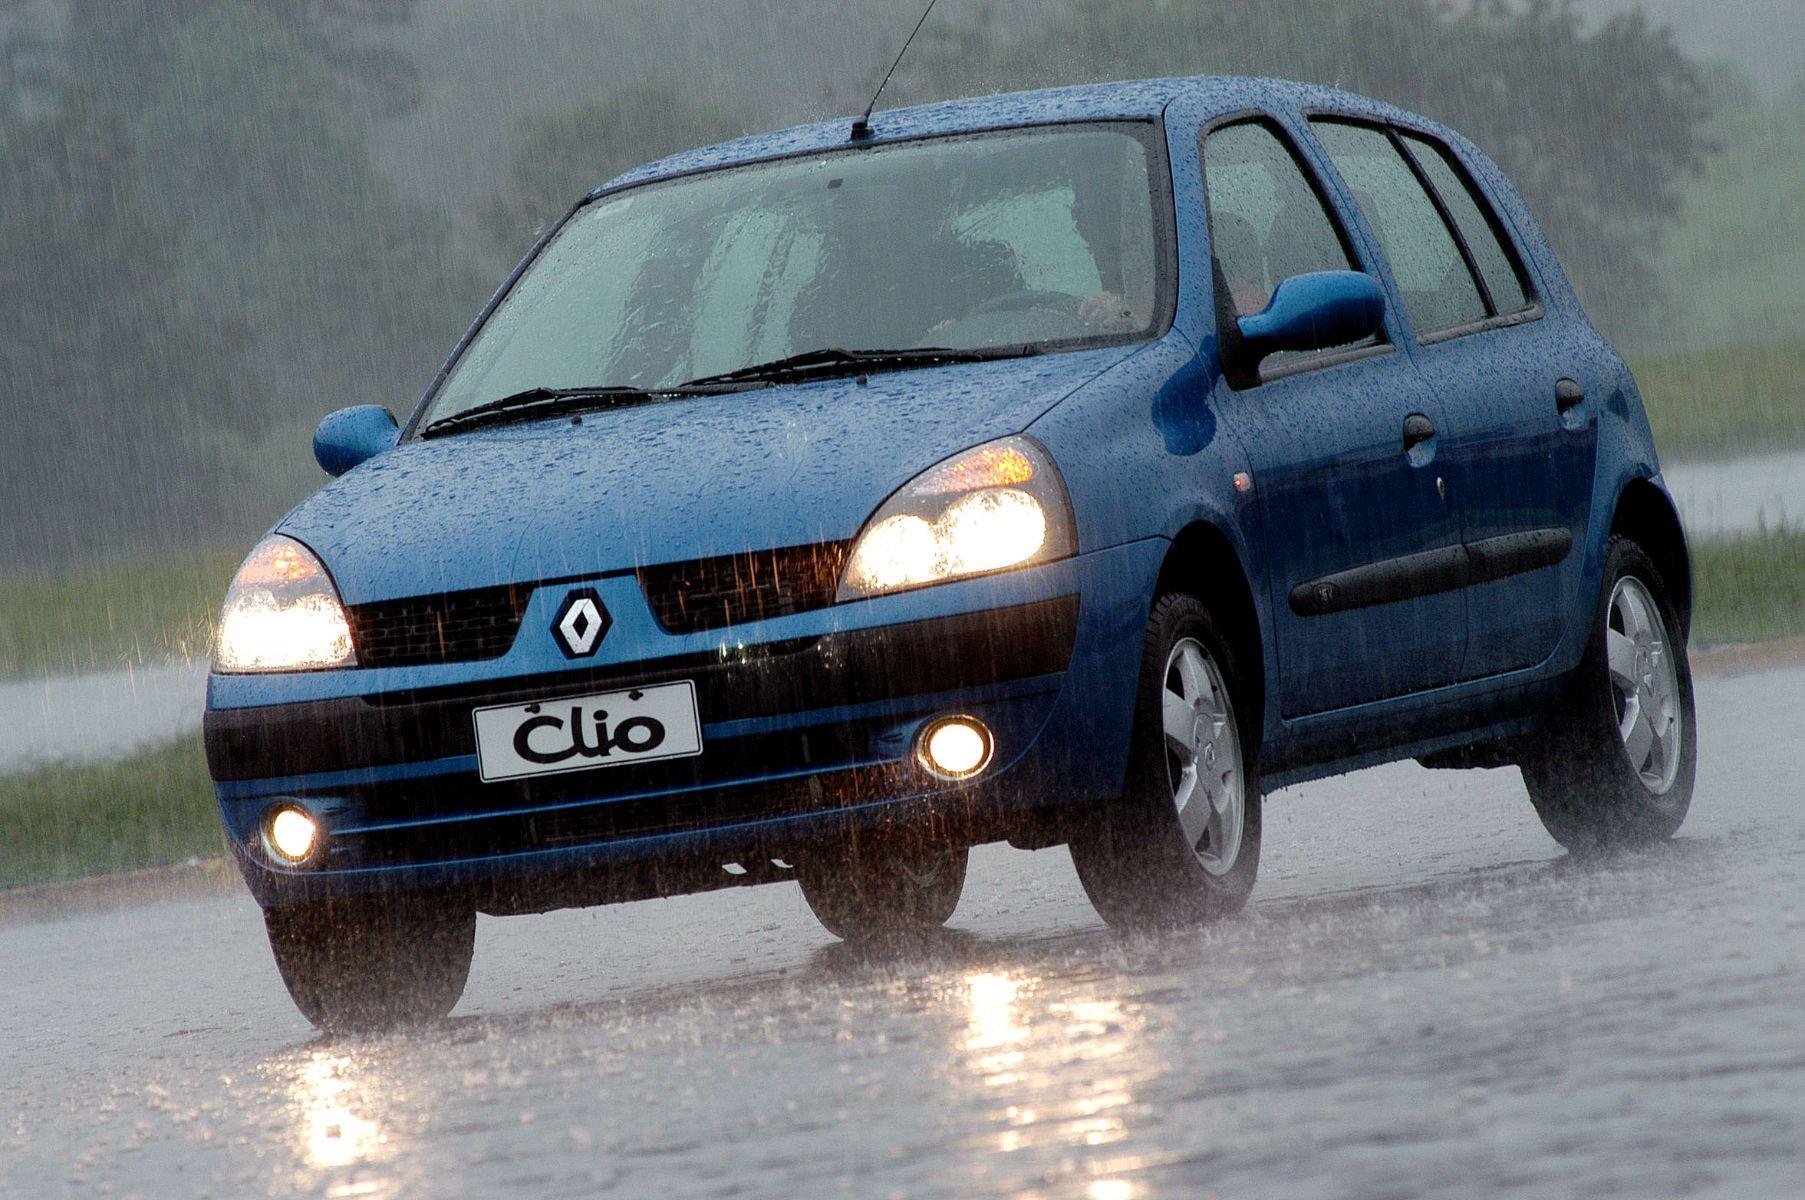 renault clio 2003 azul frente chuva farois de neblina ligados